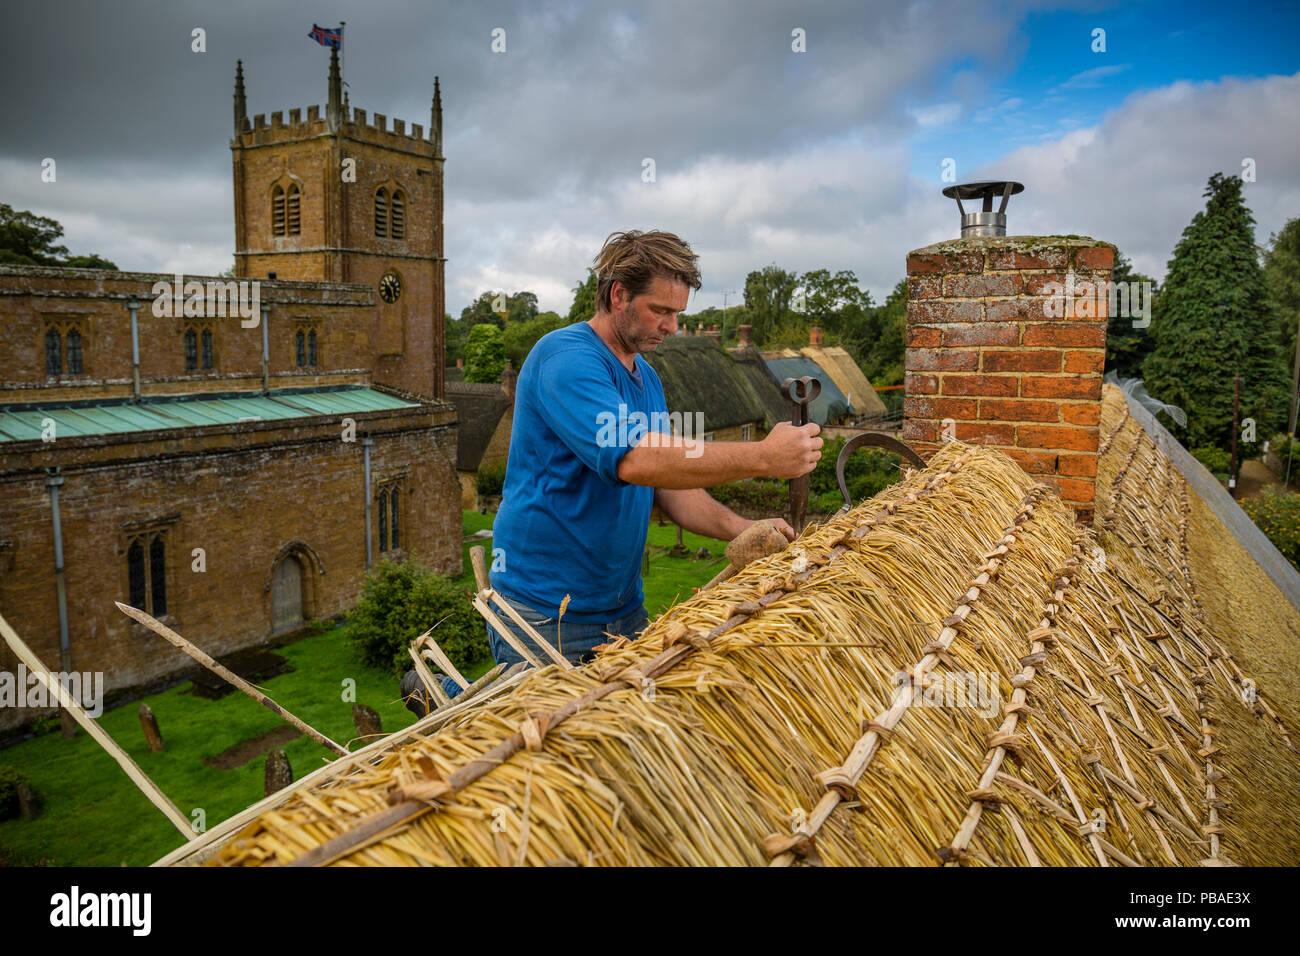 Dan Quatermain, master Thatcher, trabajando en un techo de paja de Wroxton village, Oxfordshire, Reino Unido. De septiembre de 2015. Imagen De Stock